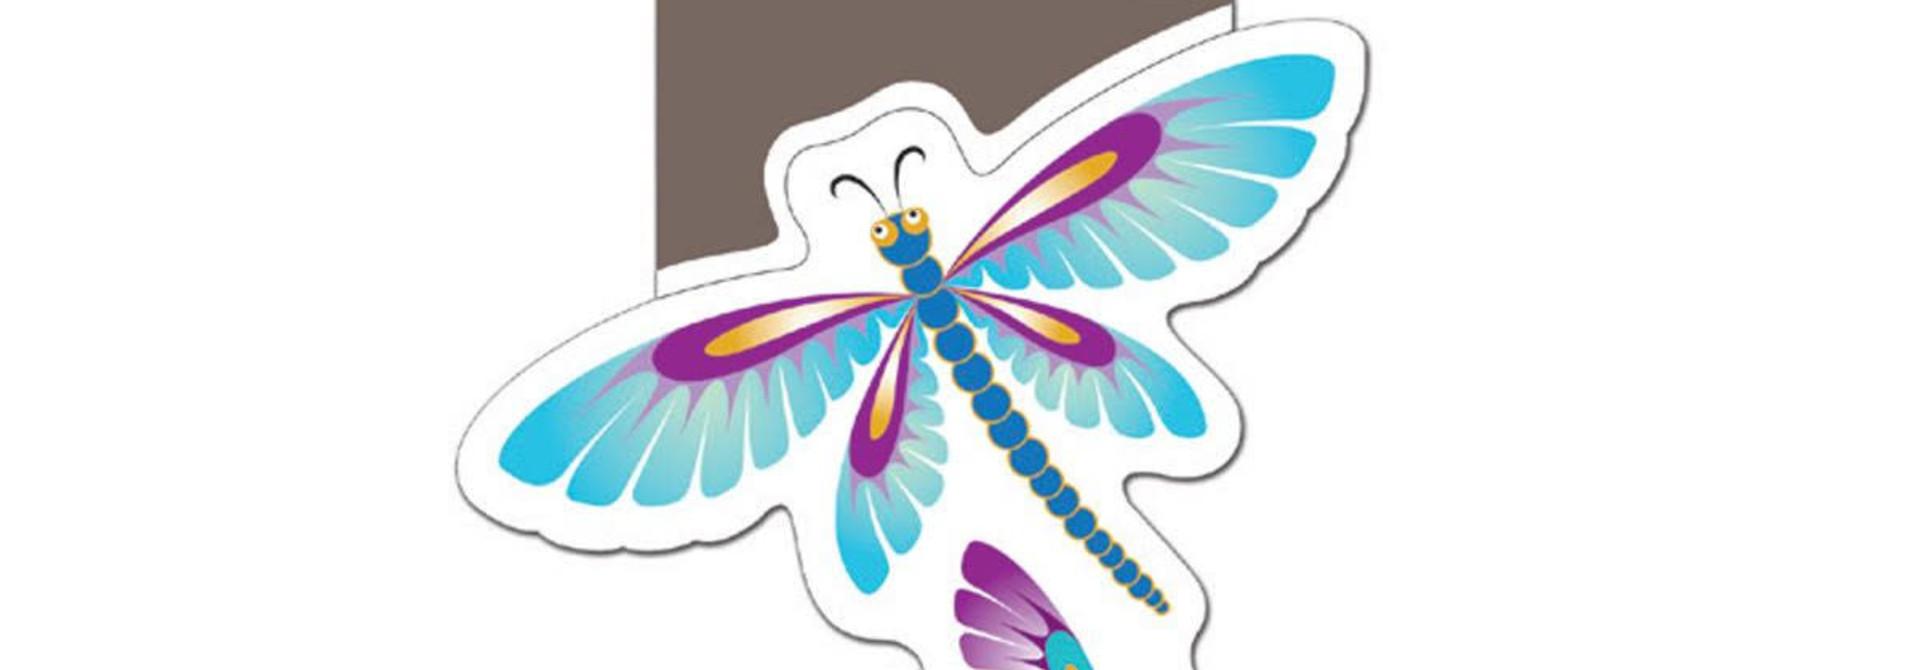 Sticker - Dragonflies by Simone Diamond